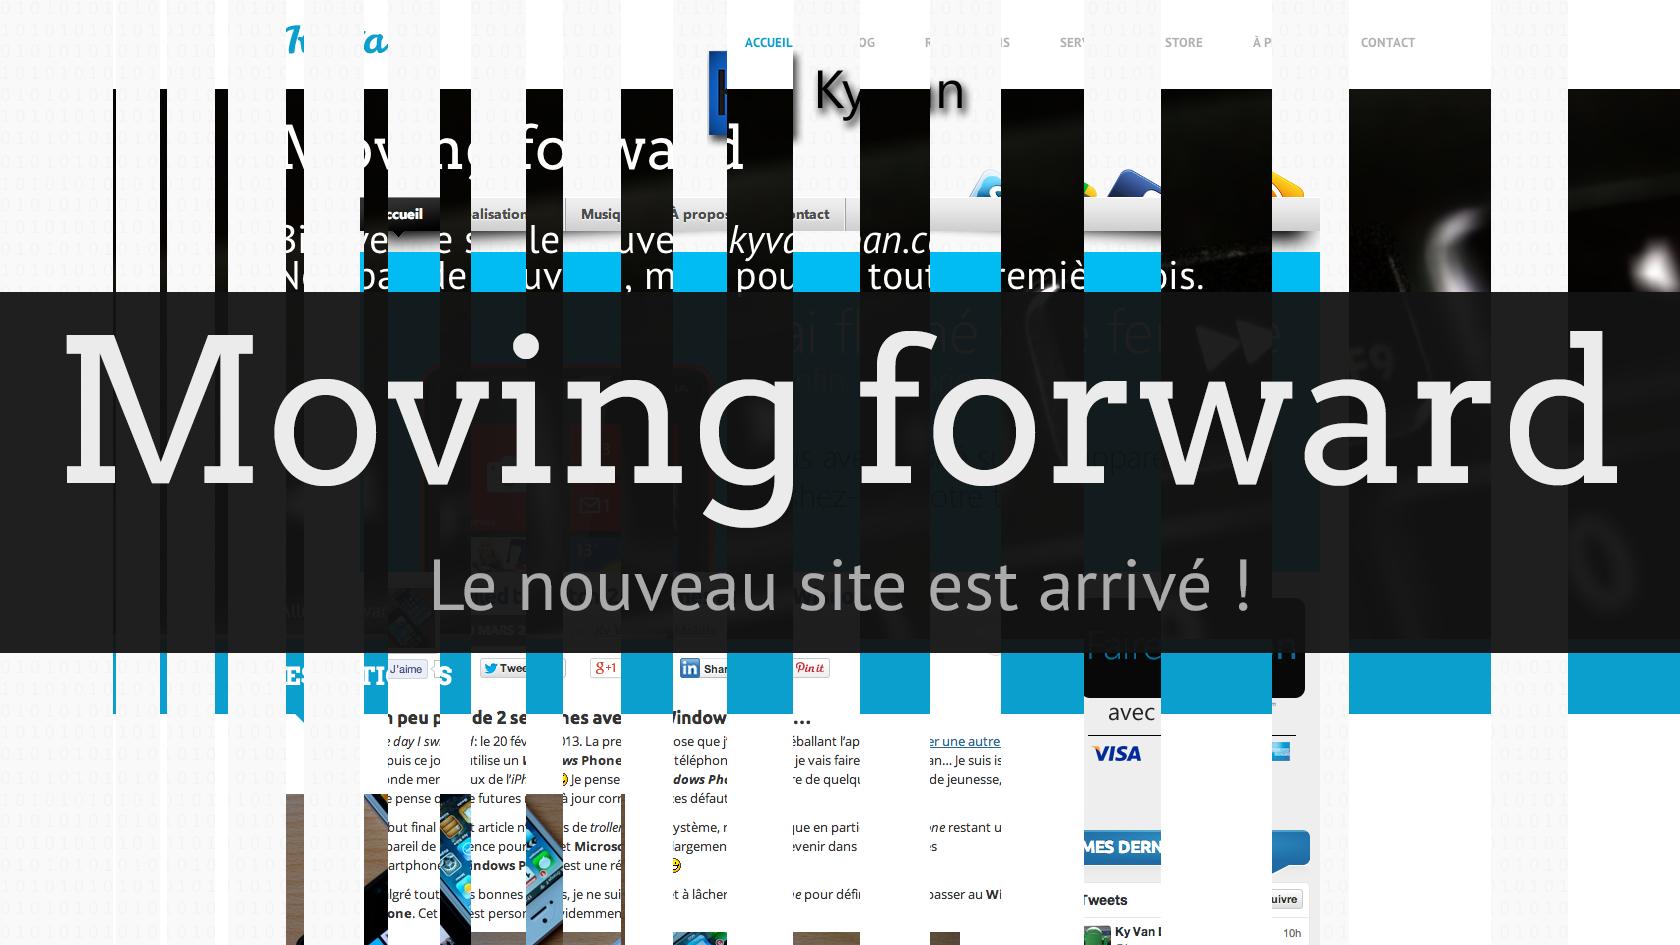 Moving forward : mon nouveau site est arrivé !